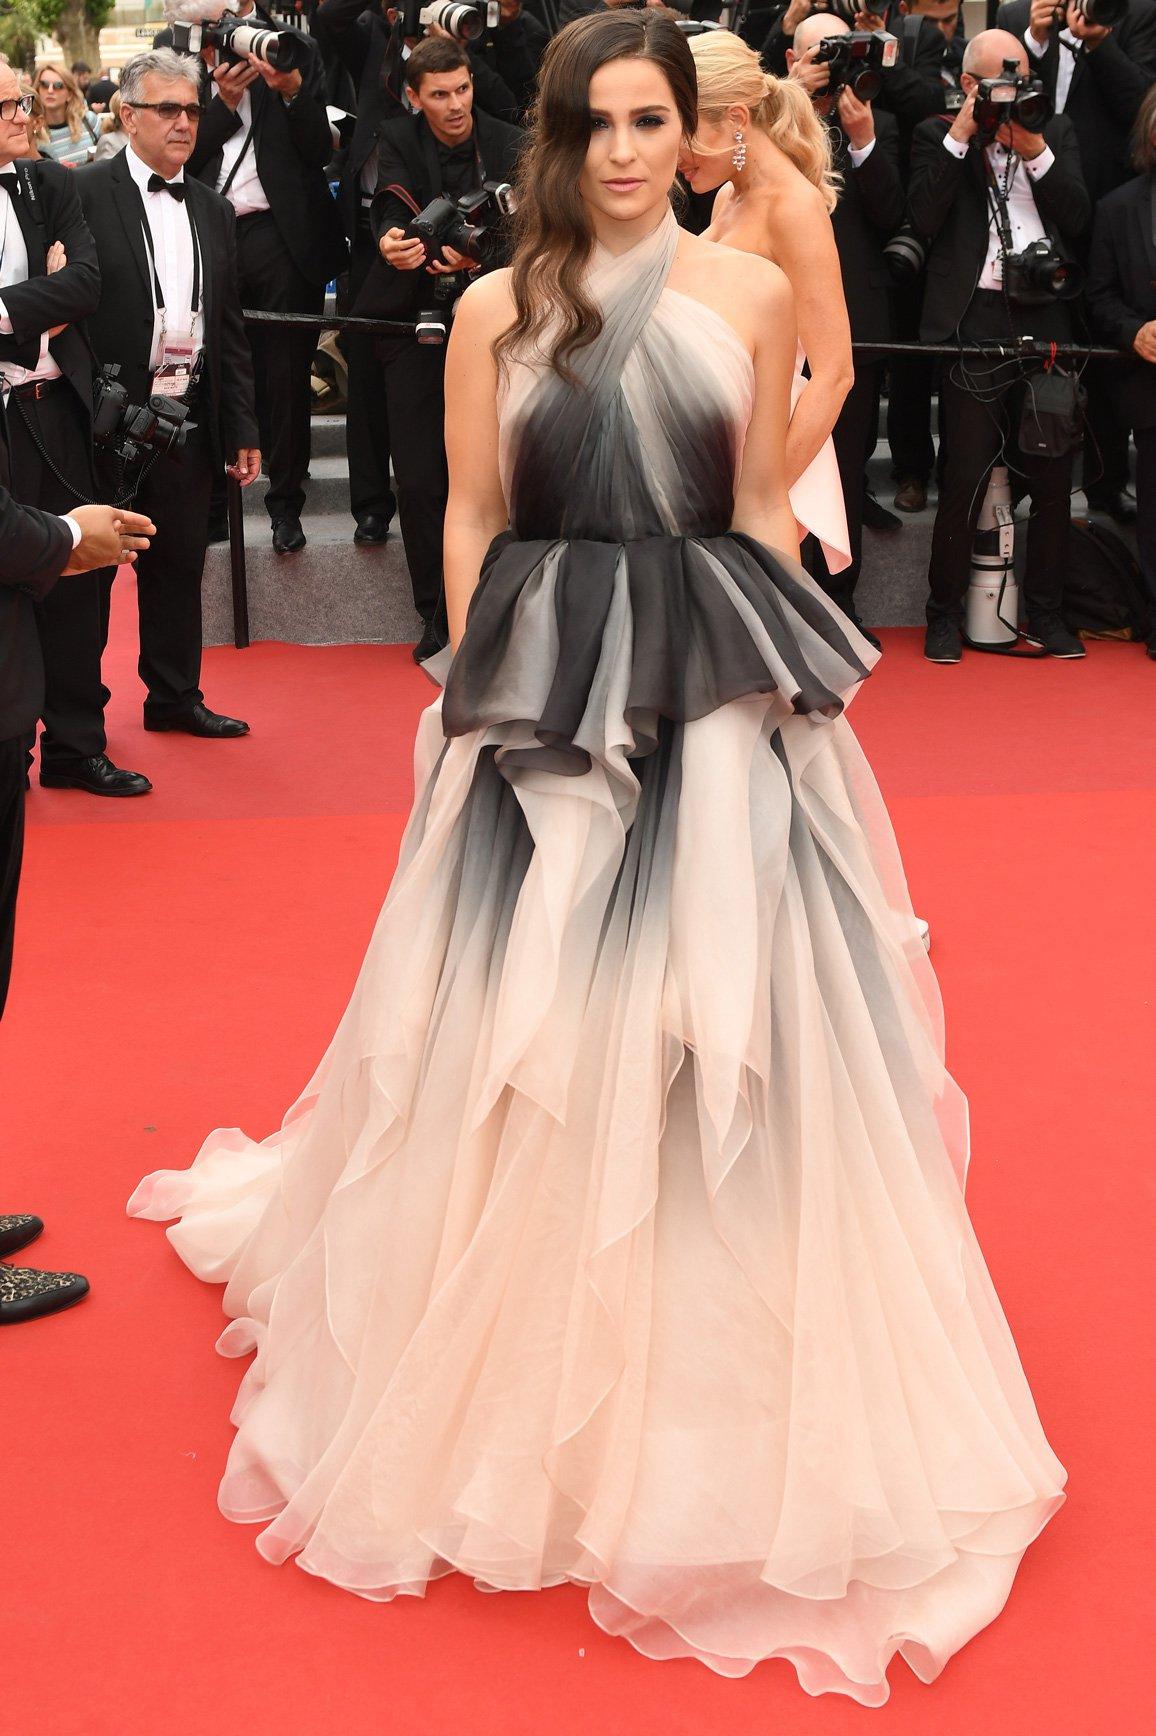 robes cannes 2017 tendance Gianna Simone